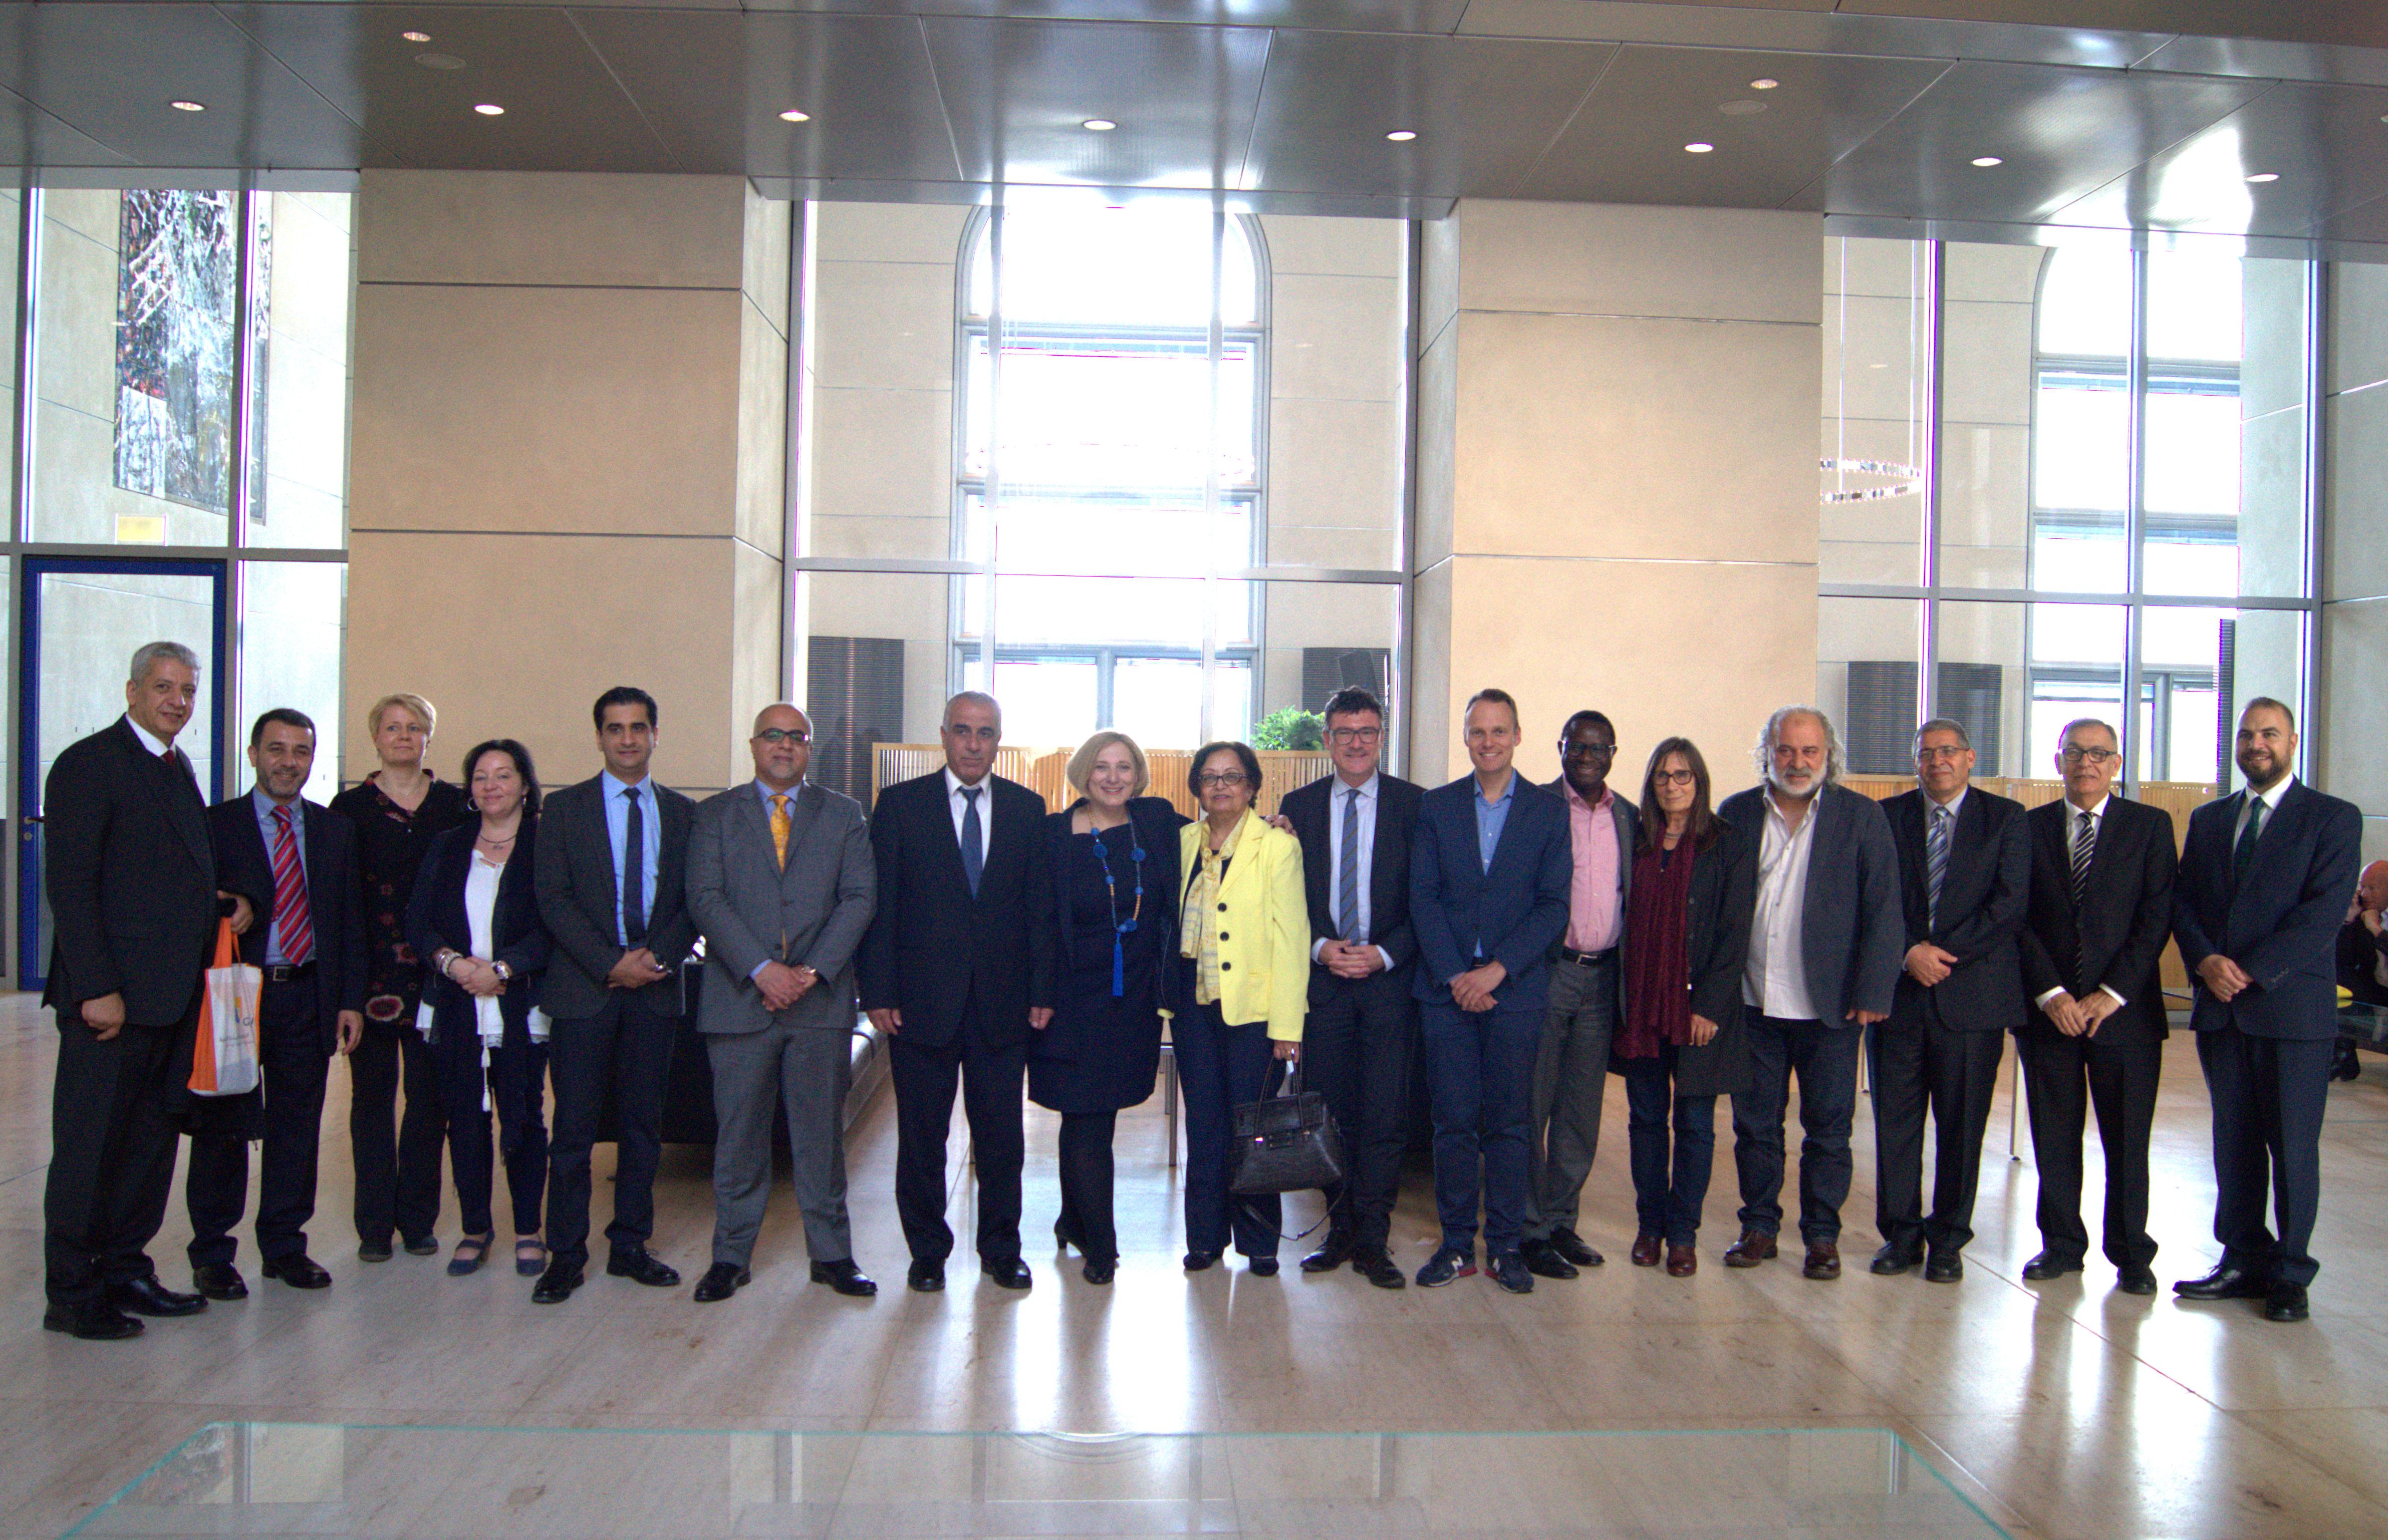 Dr. Daniela De Ridder und eine Delegation der German-Jordanian University im Deutschen Bundestag